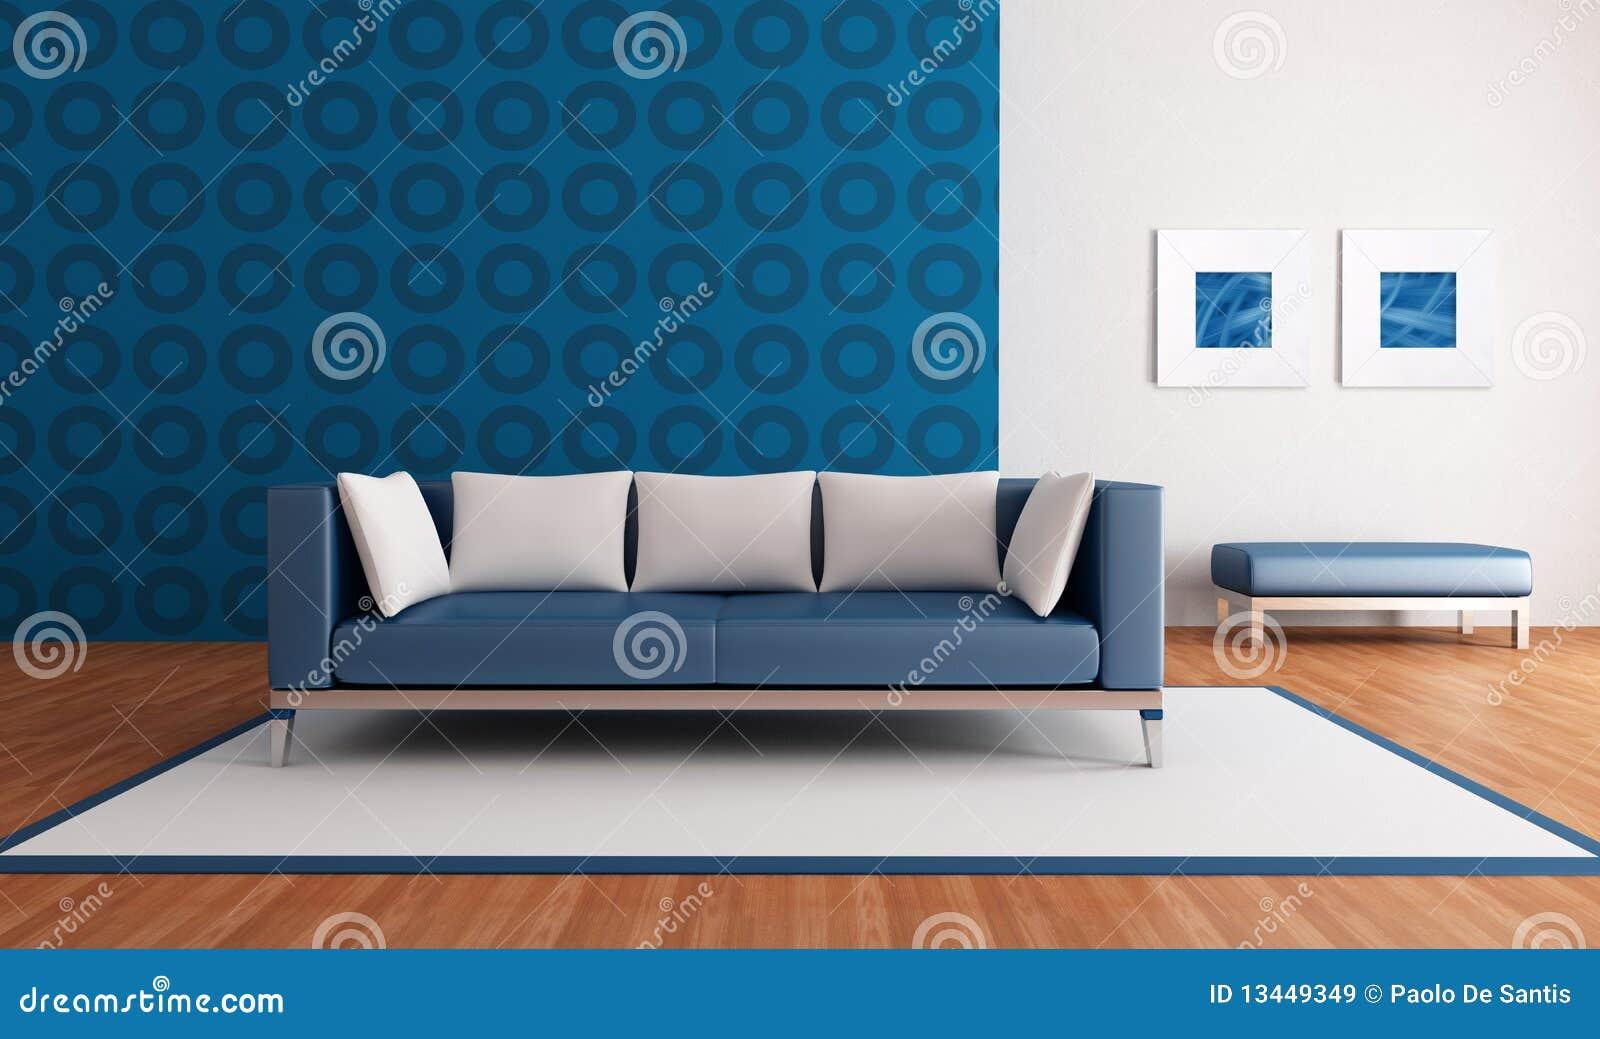 Sala De Estar En Azul ~ Sala de estar azul minimalista com sofá moderno e o papel de parede